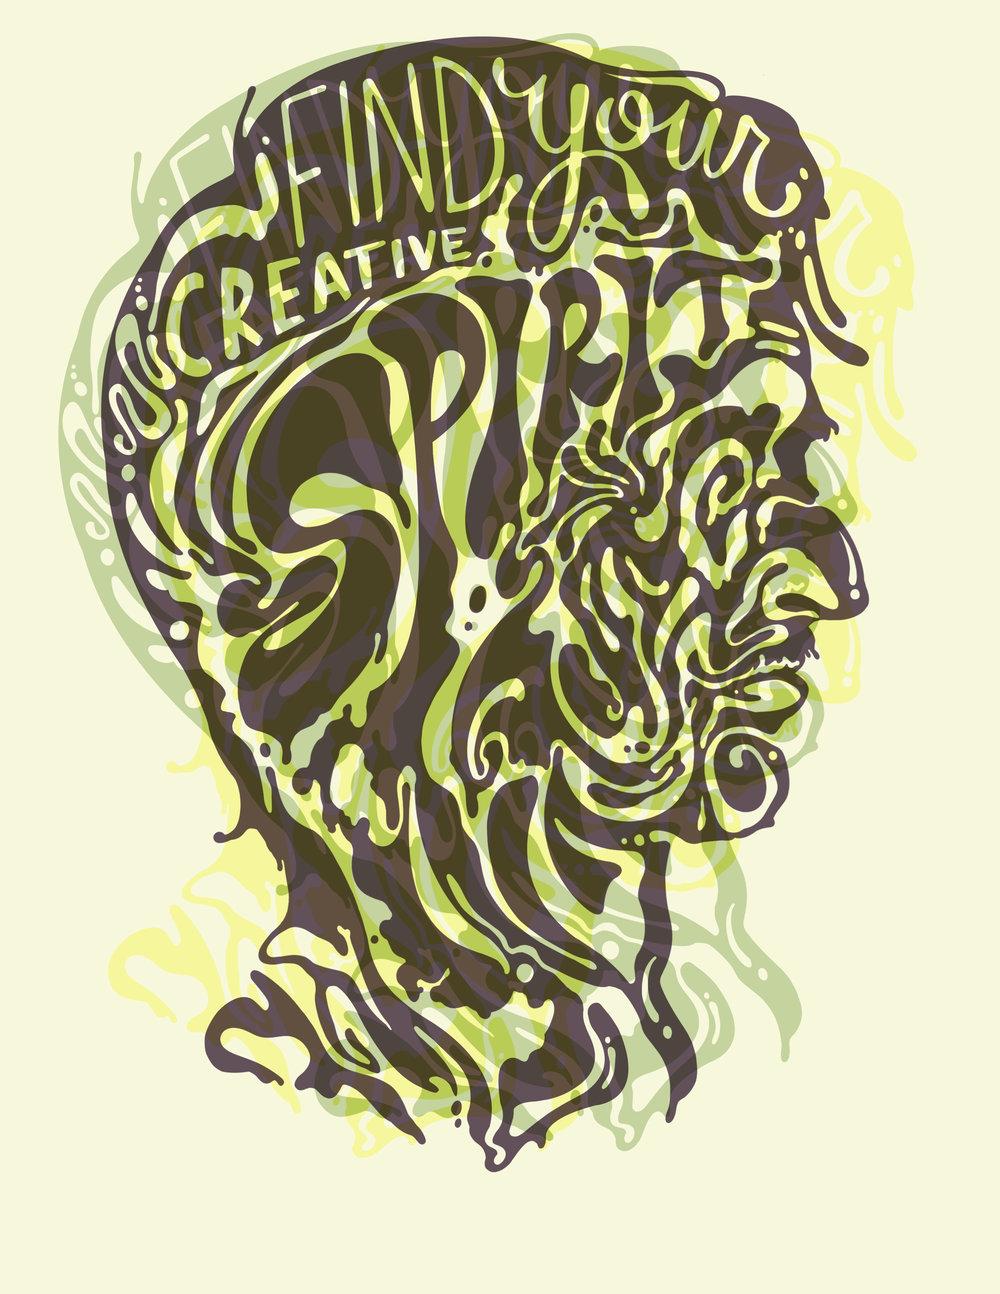 FindYourCreativeSpirit.jpg